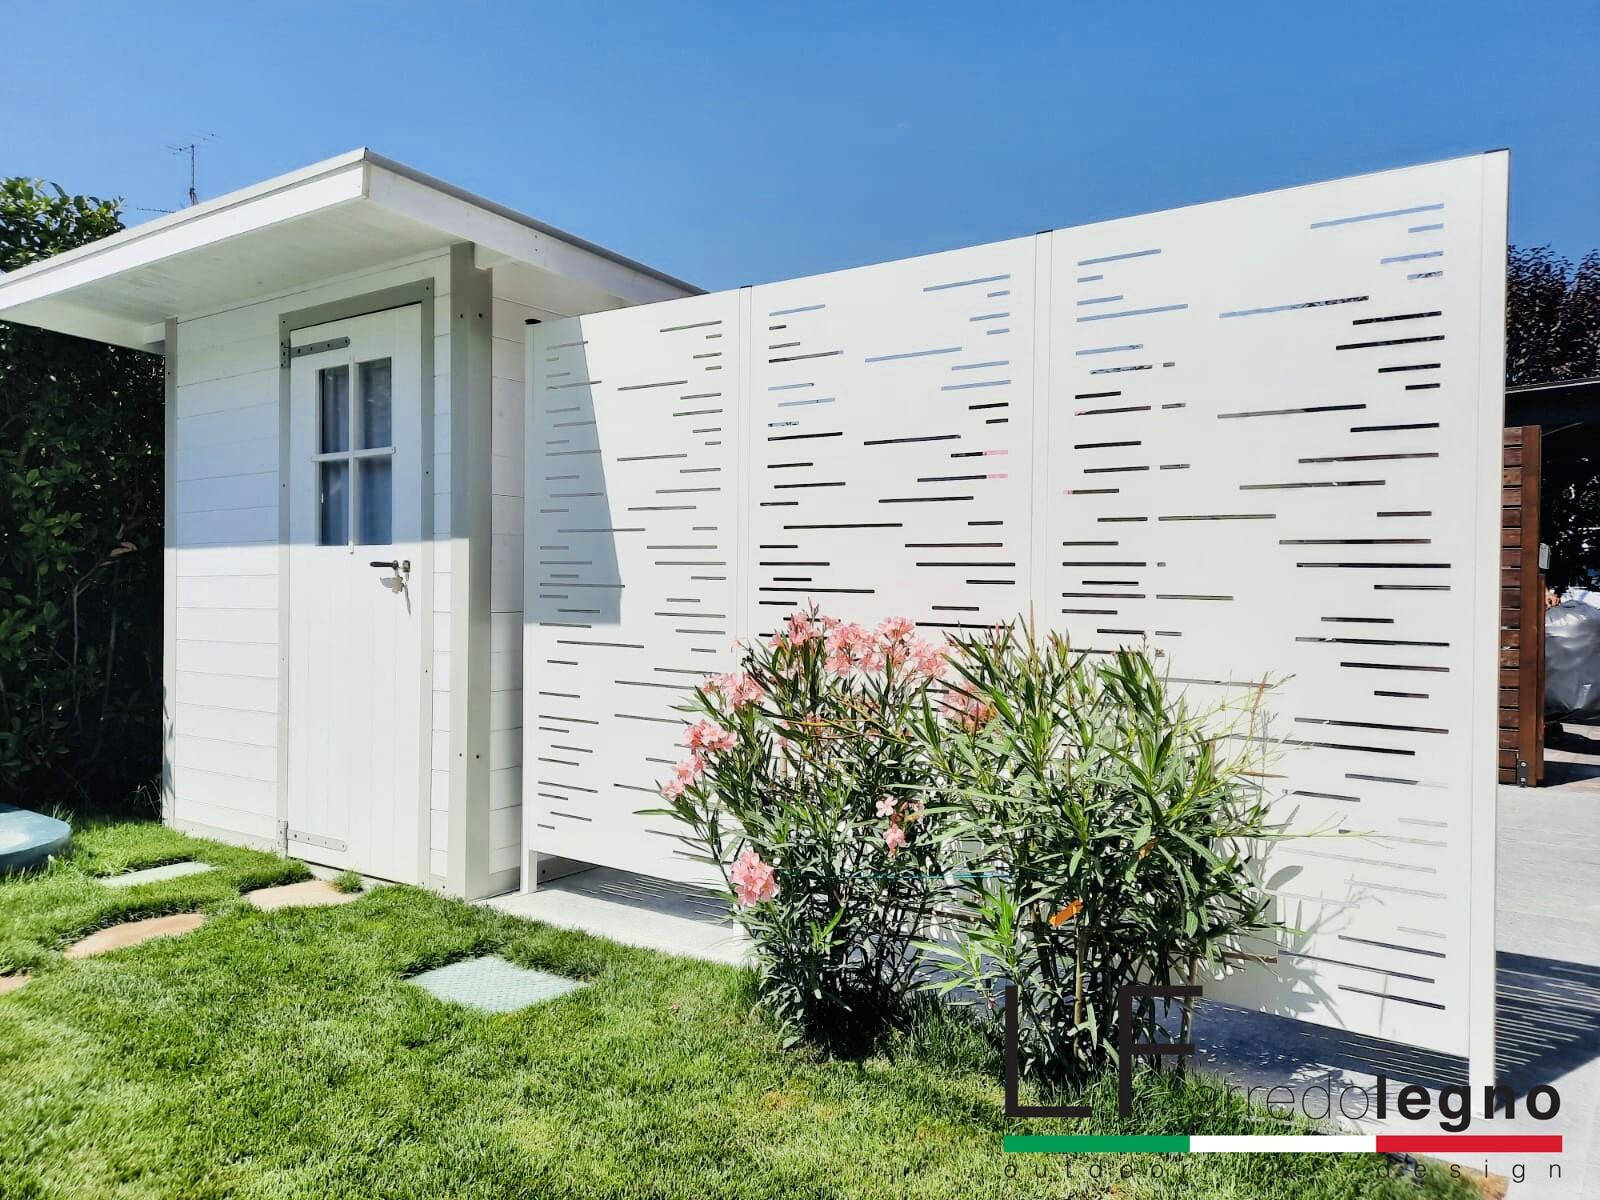 Pannelli frangivista modulari in alluminio modello LINEAR colore bianco con fissaggio a pavimento